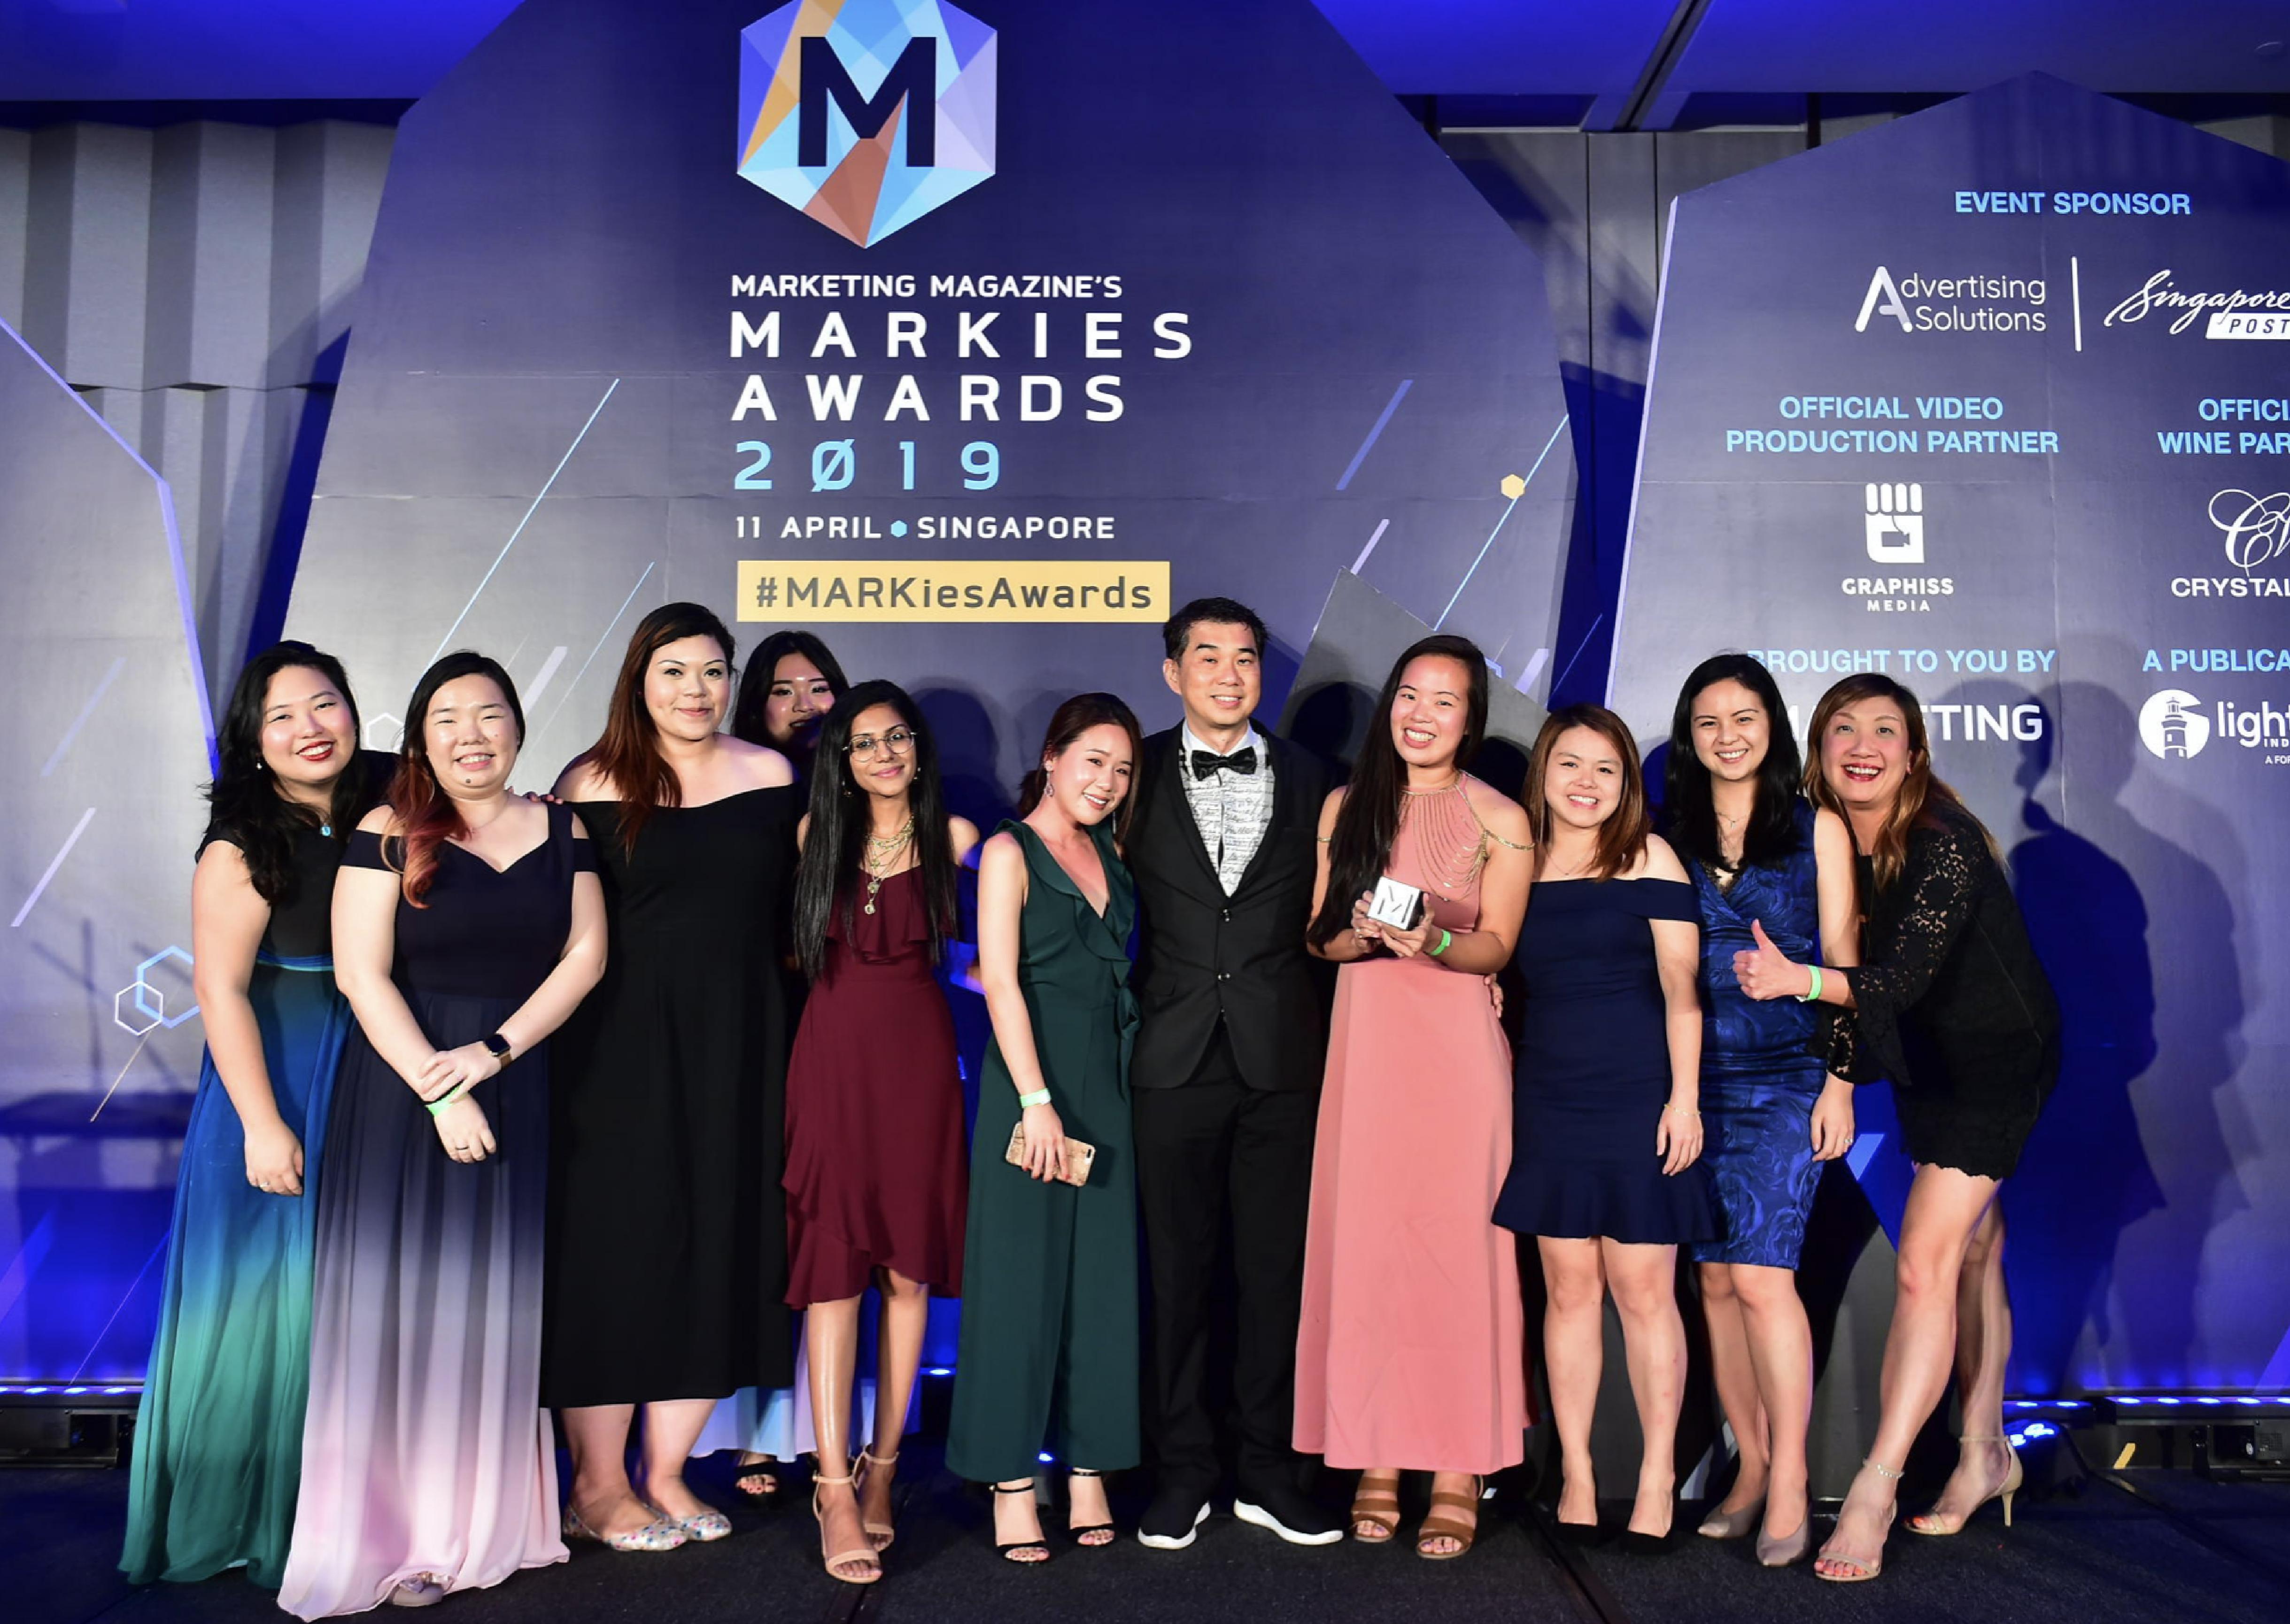 MARKIES AWARDS 2019